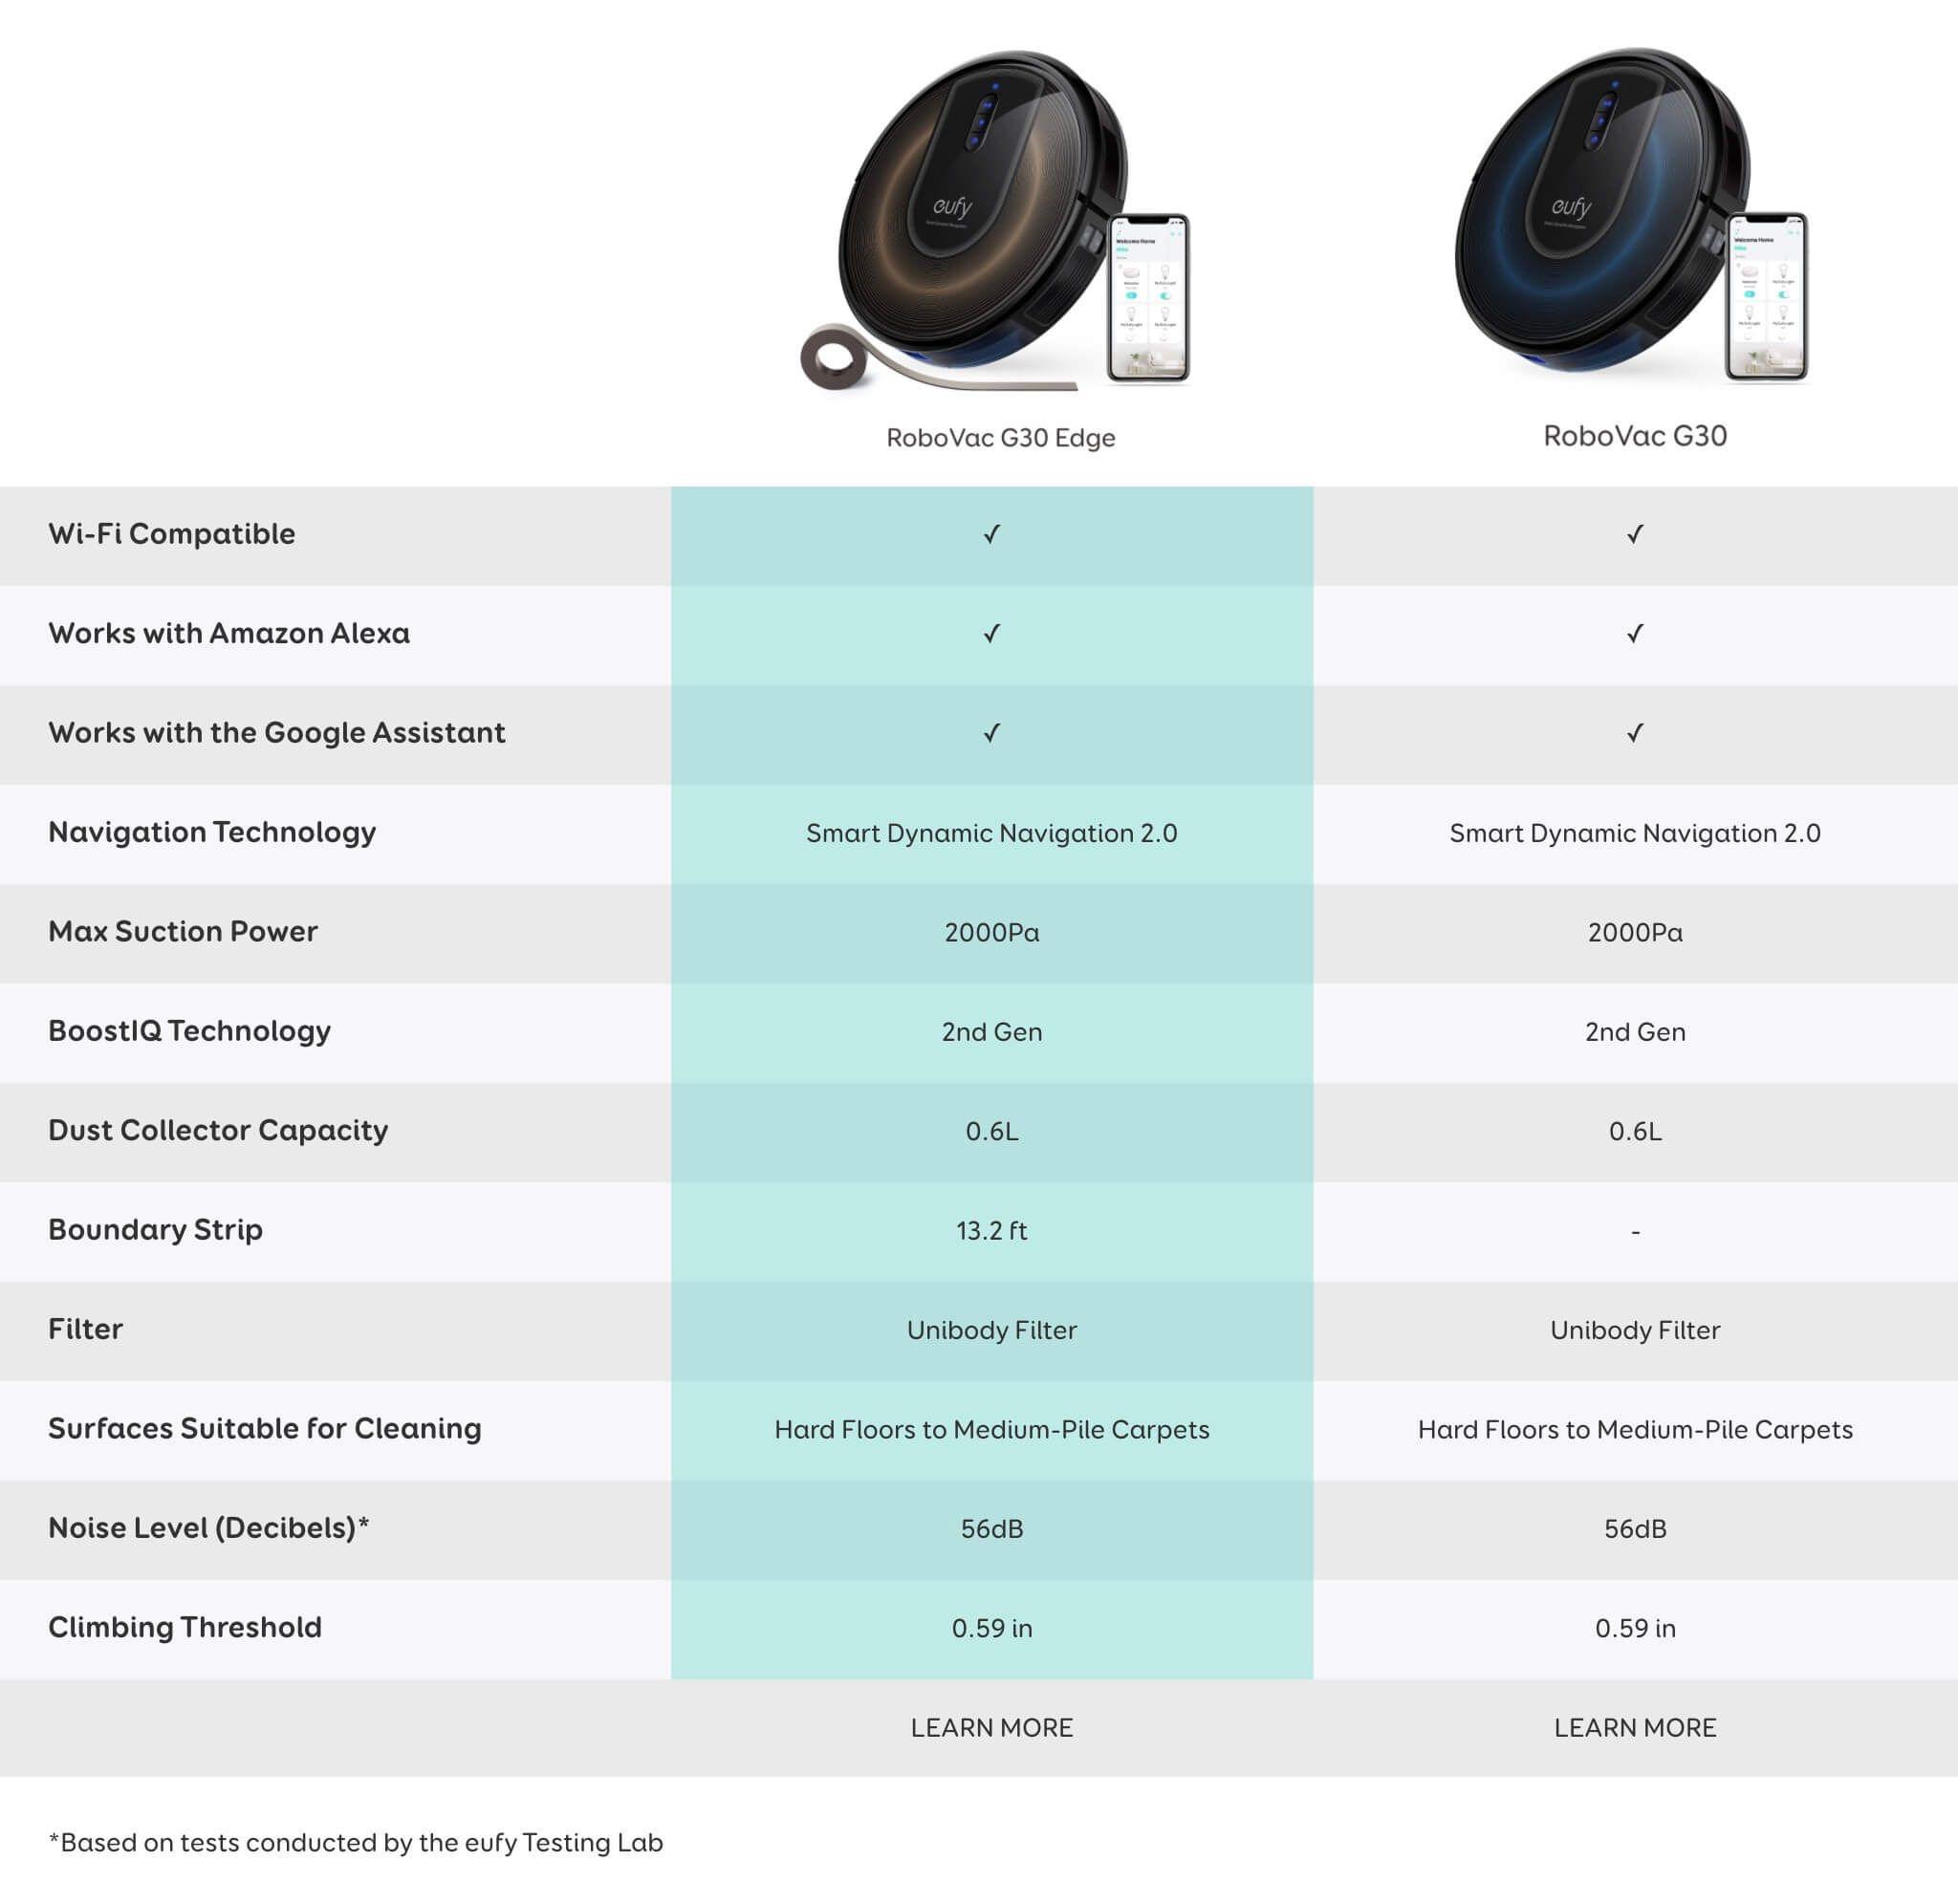 Neue eufy RoboVac G30 Serie von Saugrobotern startet auf dem deutschen Markt techboys.de • smarte News, auf den Punkt!